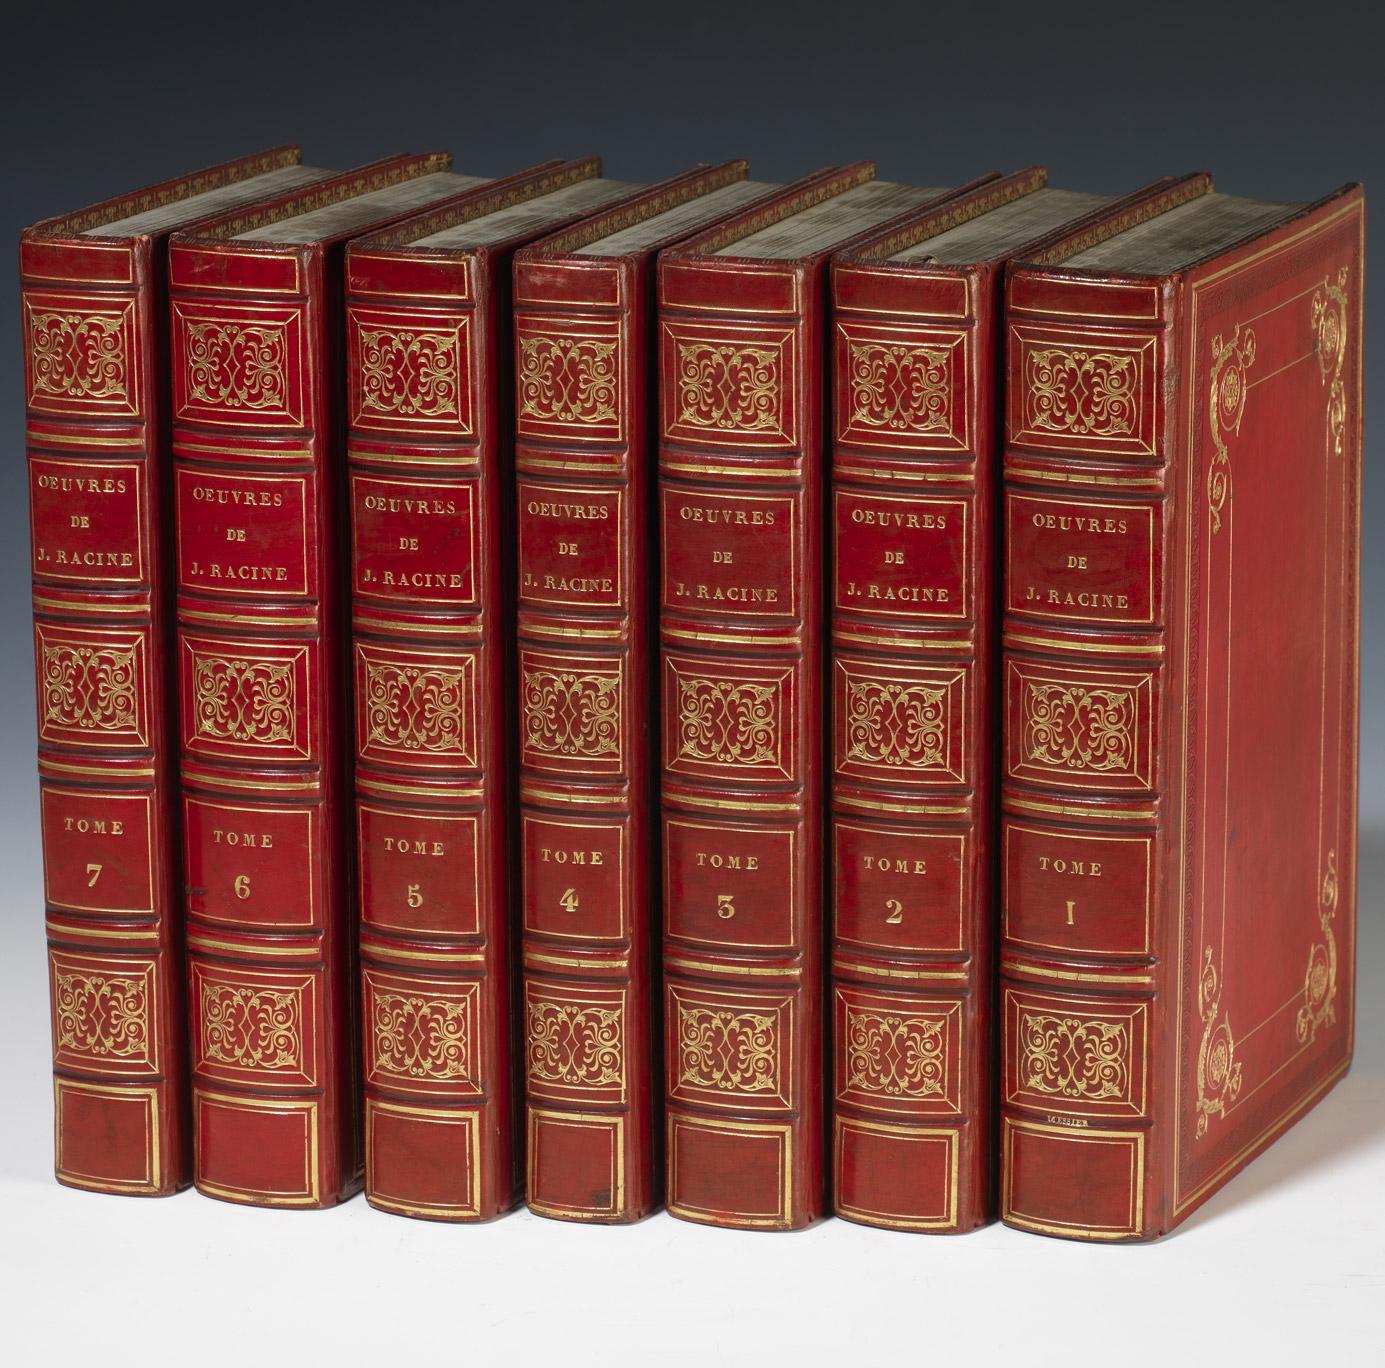 Oeuvres de Racine ayant appartenu à Rachel - Patrimoine Charles-André COLONNA WALEWSKI, en ligne directe de Napoléon